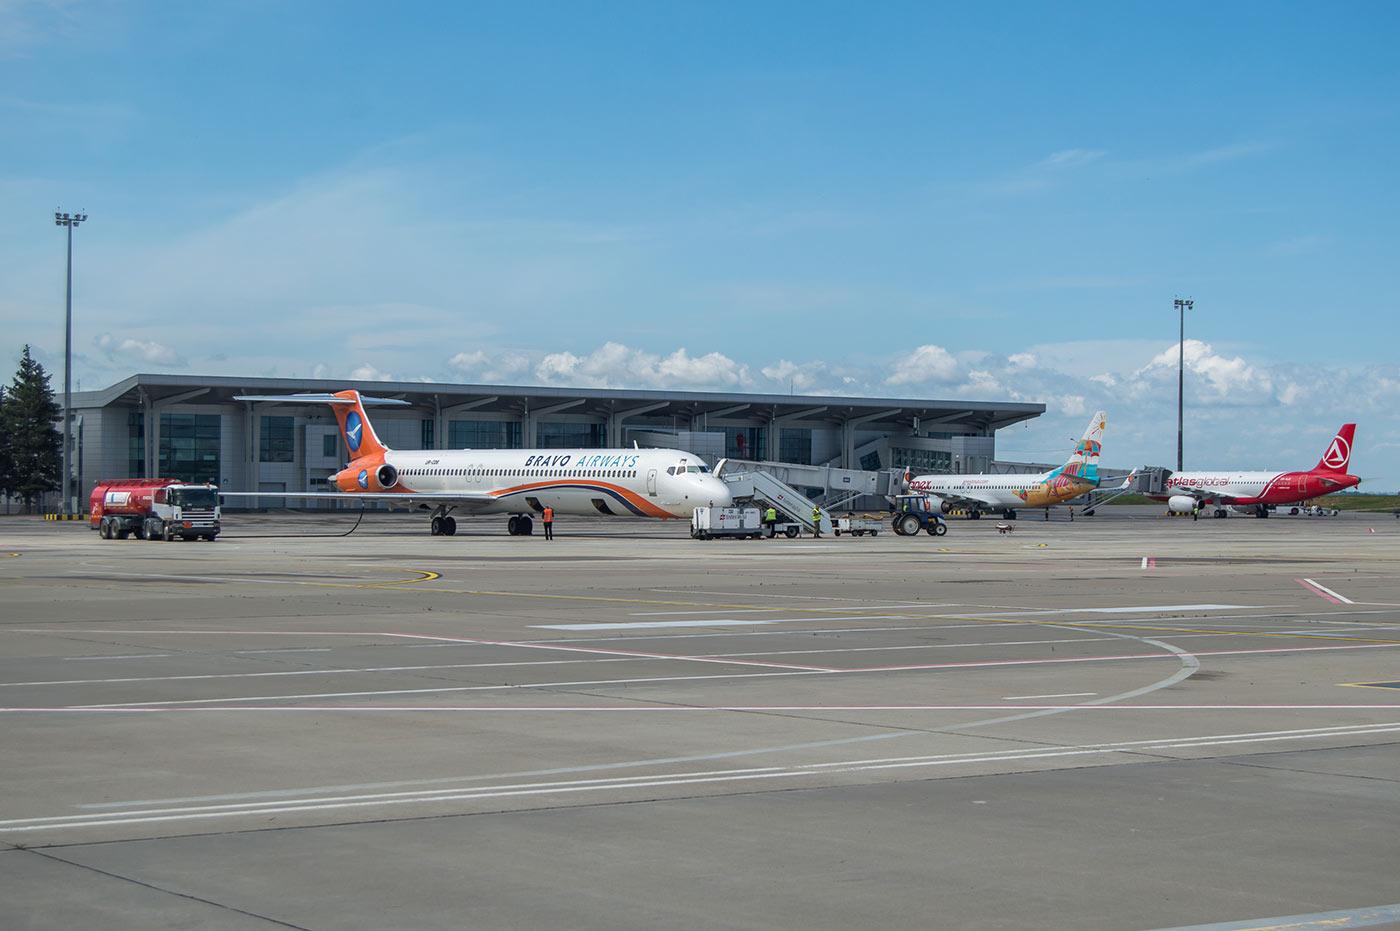 Аэропорт Харьков установил рекорд по пассажиропотоку